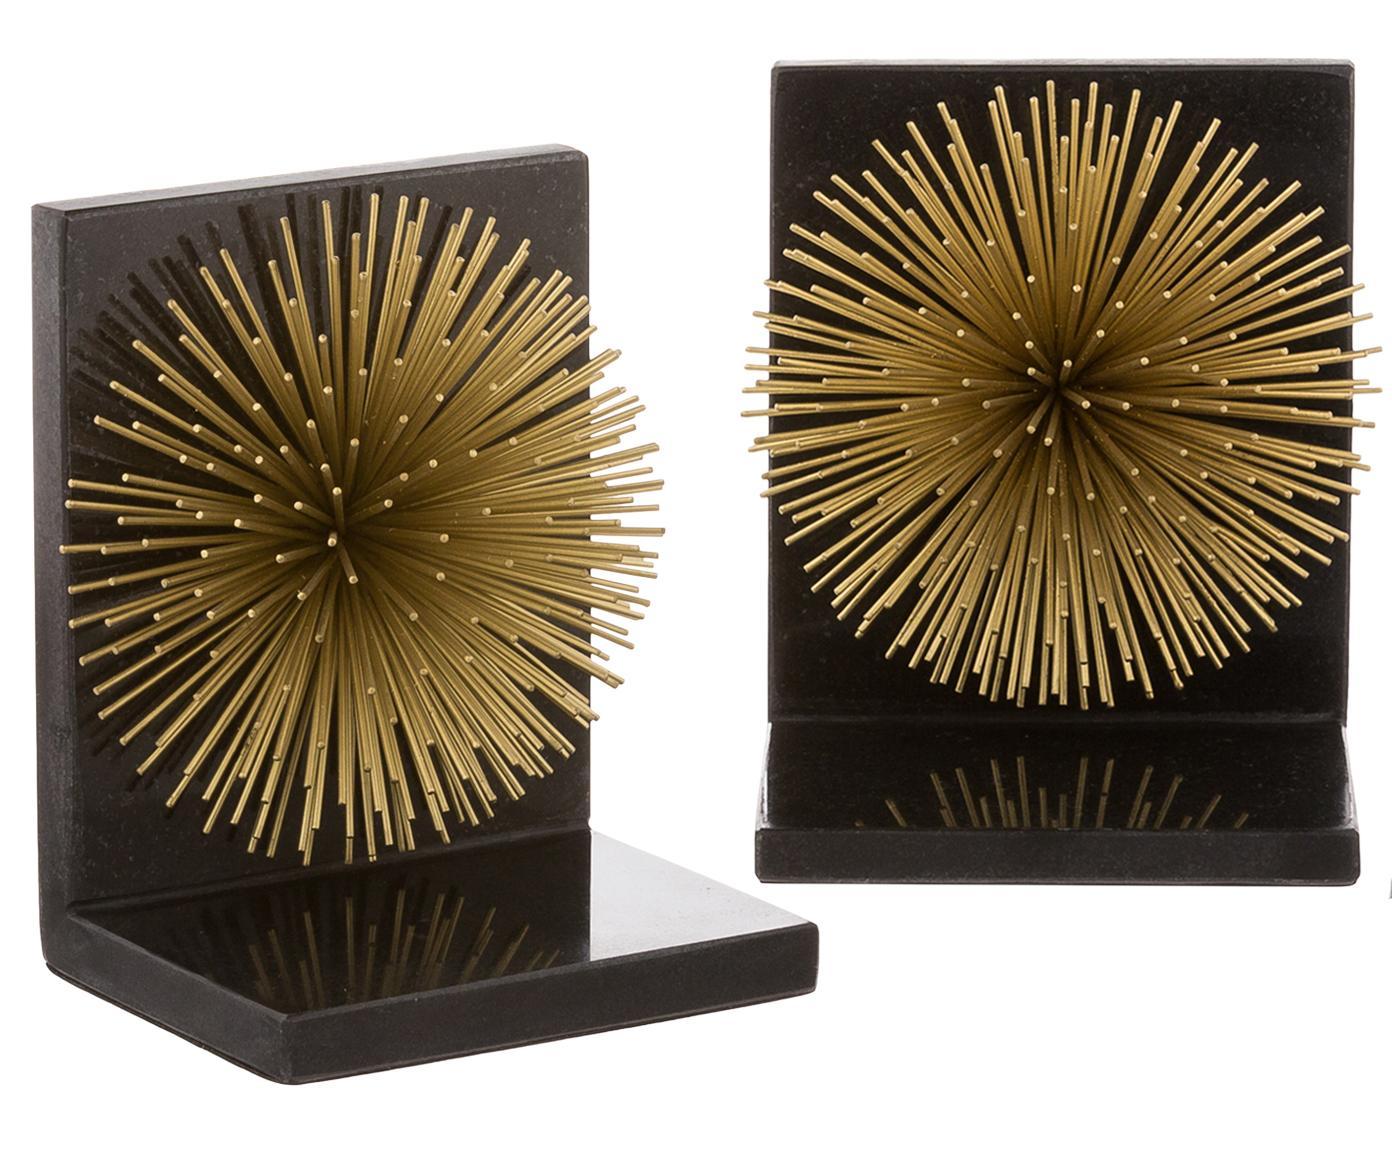 Buchstützen Marburch, 2 Stück, Unterseite: Filz, Buchstützen: Schwarzer Marmor, Detail: Goldfarben, Unterseite: Filz, 14 x 17 cm